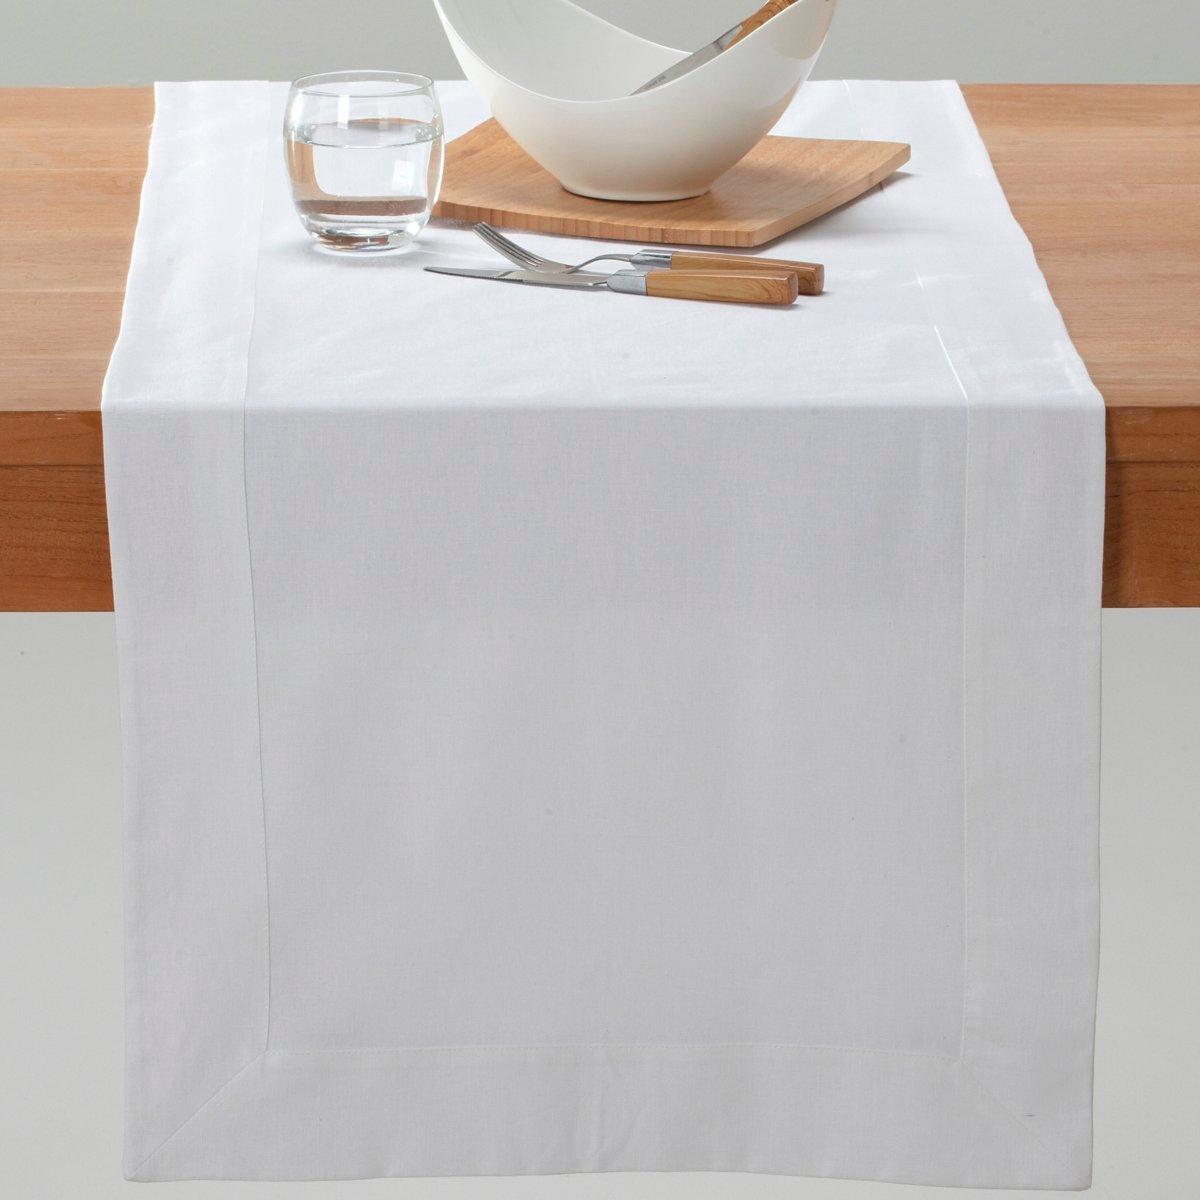 Столовая дорожкаШирина каймы 7 см. 50 х 150 см. Элегантная простота! Красивая отделка краев. Смесовая ткань, 55% льна, 45% хлопка. Стирка при 40°.<br><br>Цвет: белый,гранатовый,светло-серый,шафран